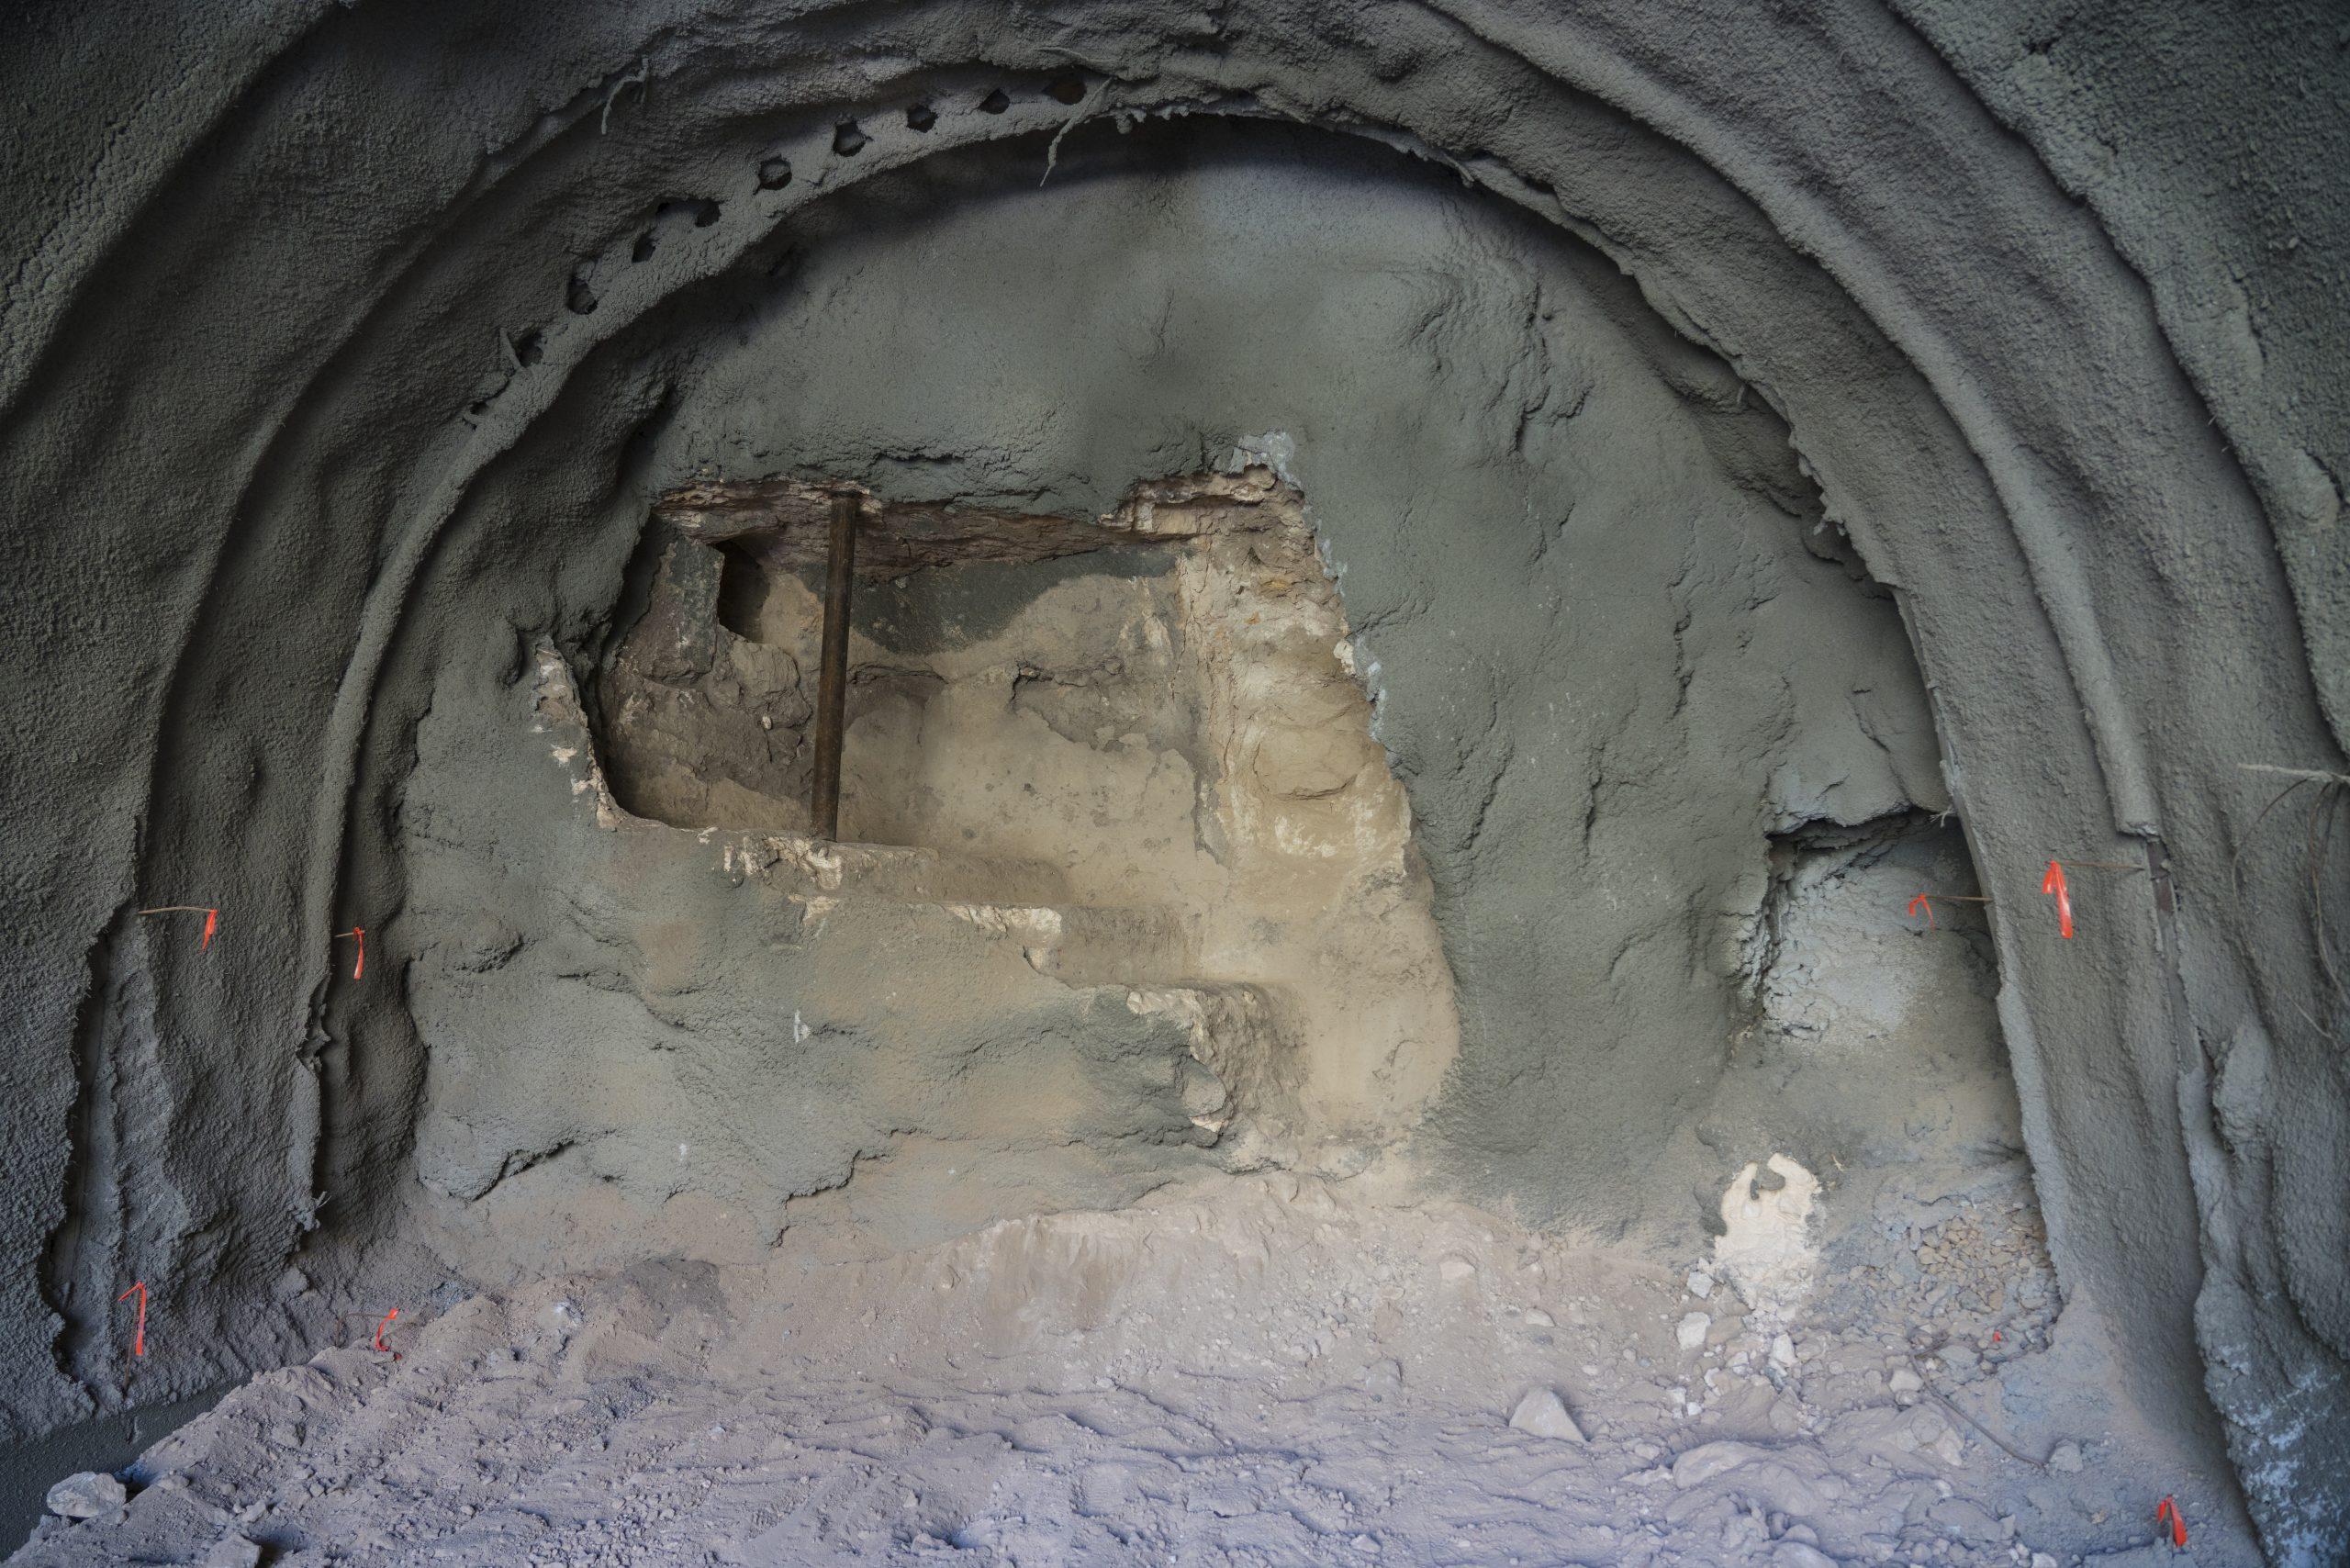 Гефсимания: ритуальный бассейн времен Второго Храма. Фото: Янив Берман. Предоставлено Управлением Древностей Израиля